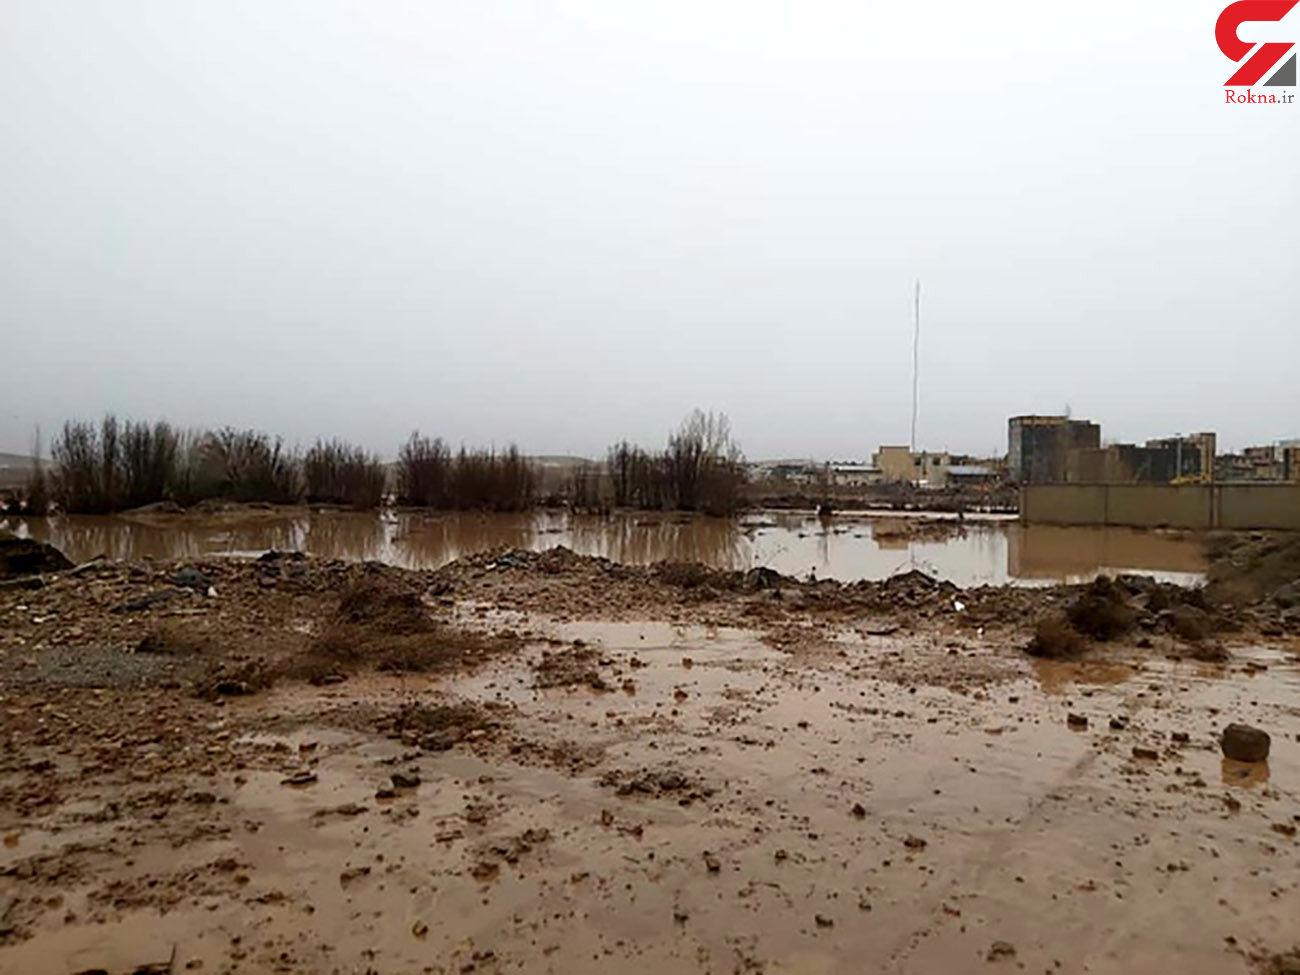 یک کشته و 2 مفقود بر اثر وقوع سیلاب در گیلان و اردبیل